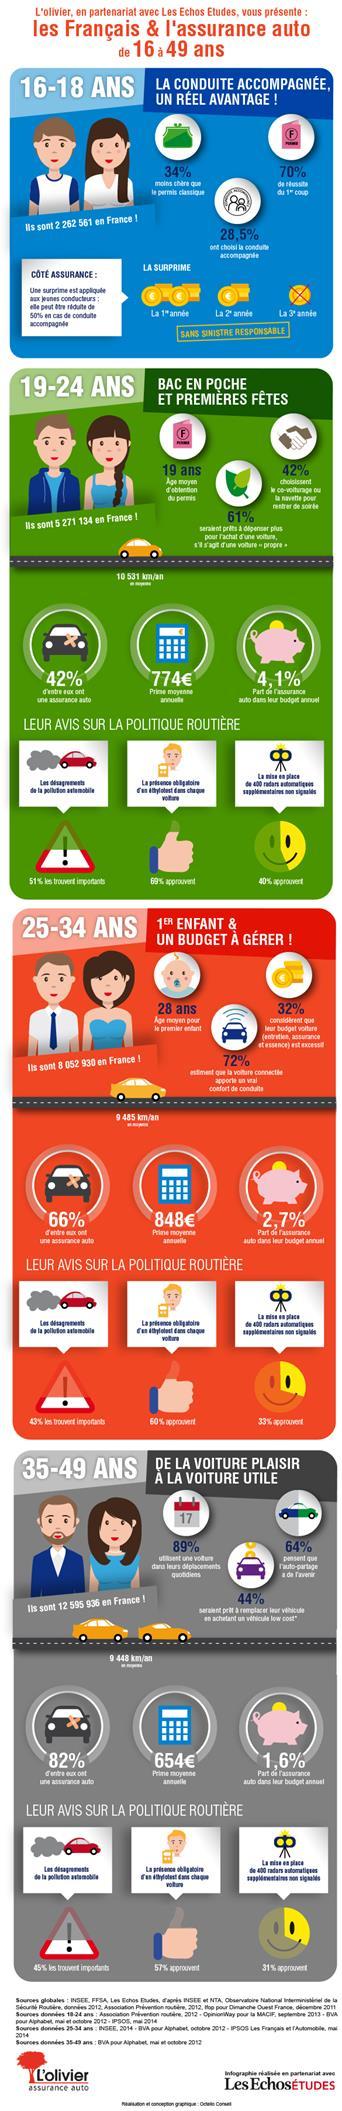 infographie-les-francais-et-l-assurance-auto